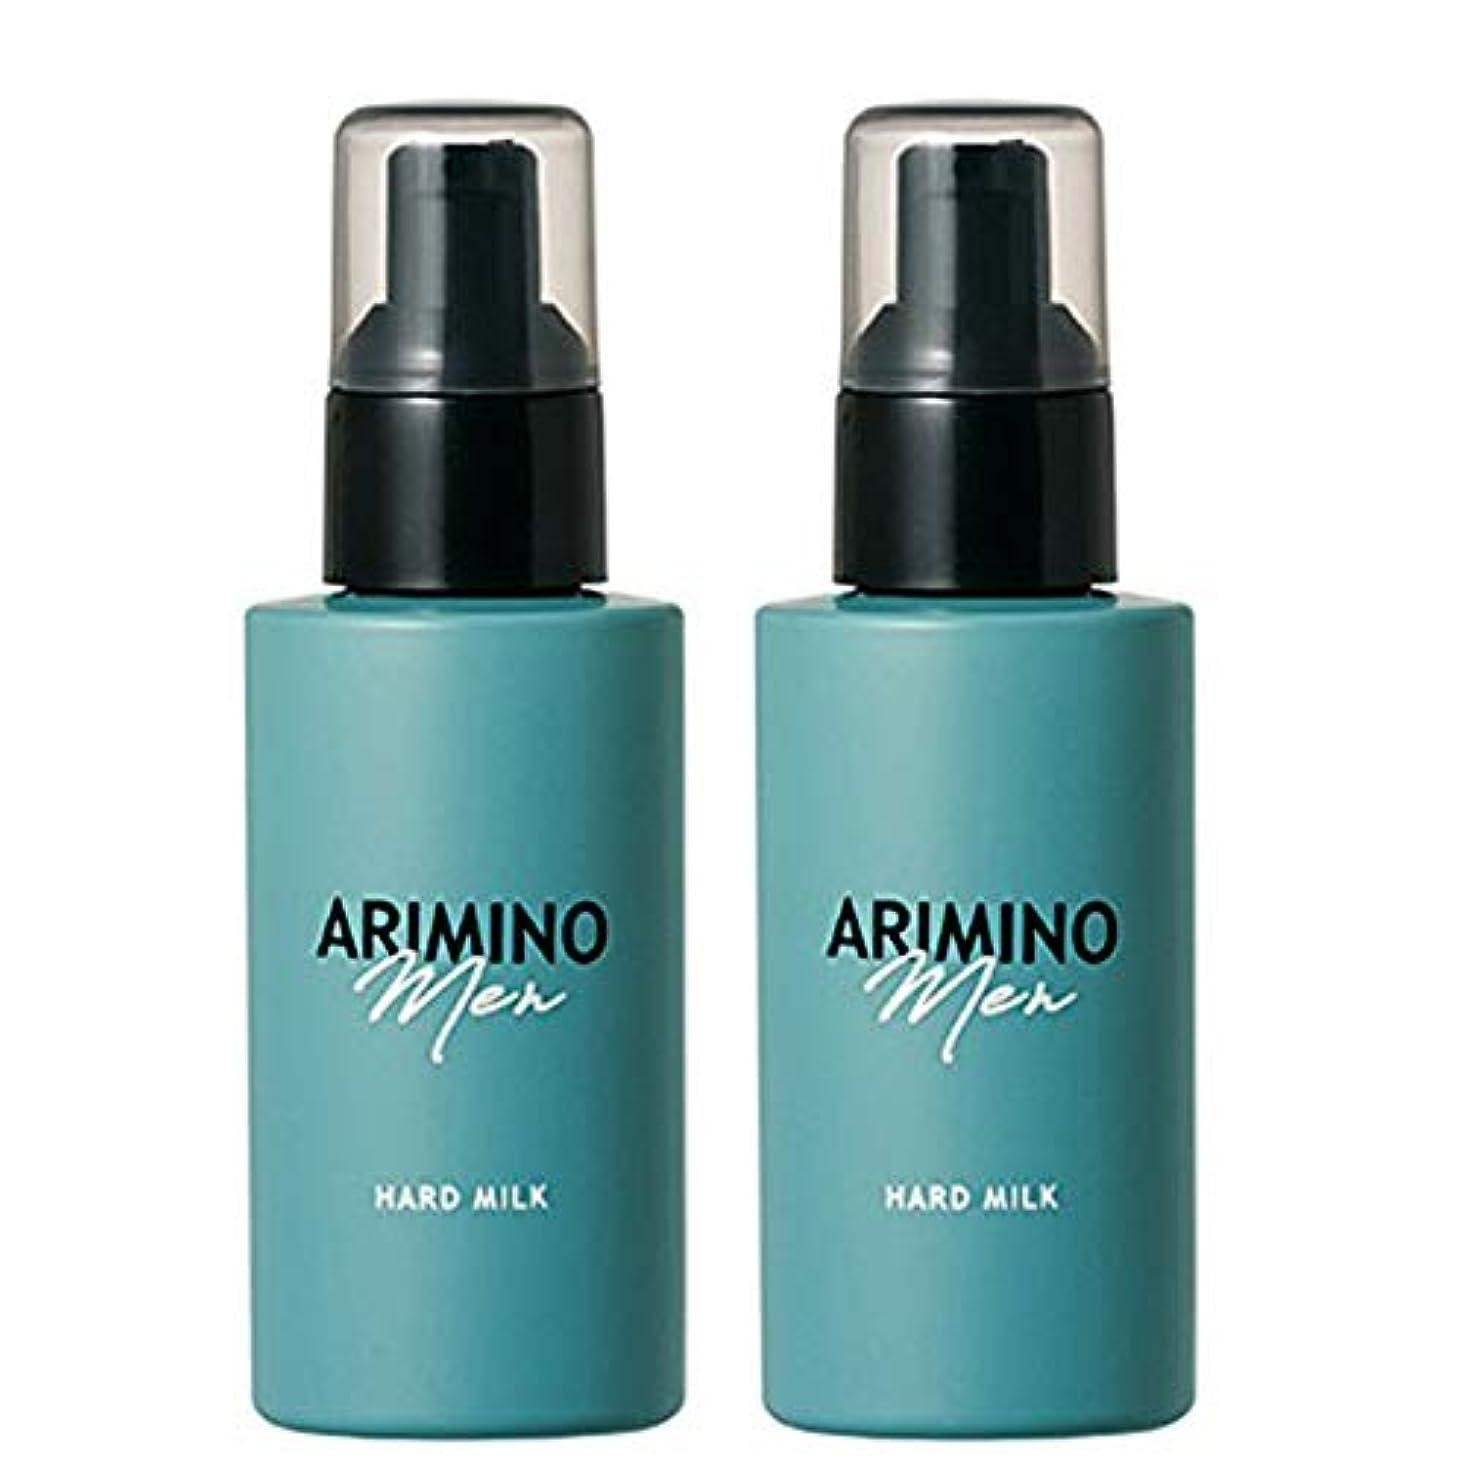 ラブ脚脈拍アリミノ メン ハード ミルク 100g ×2個 セット arimino men